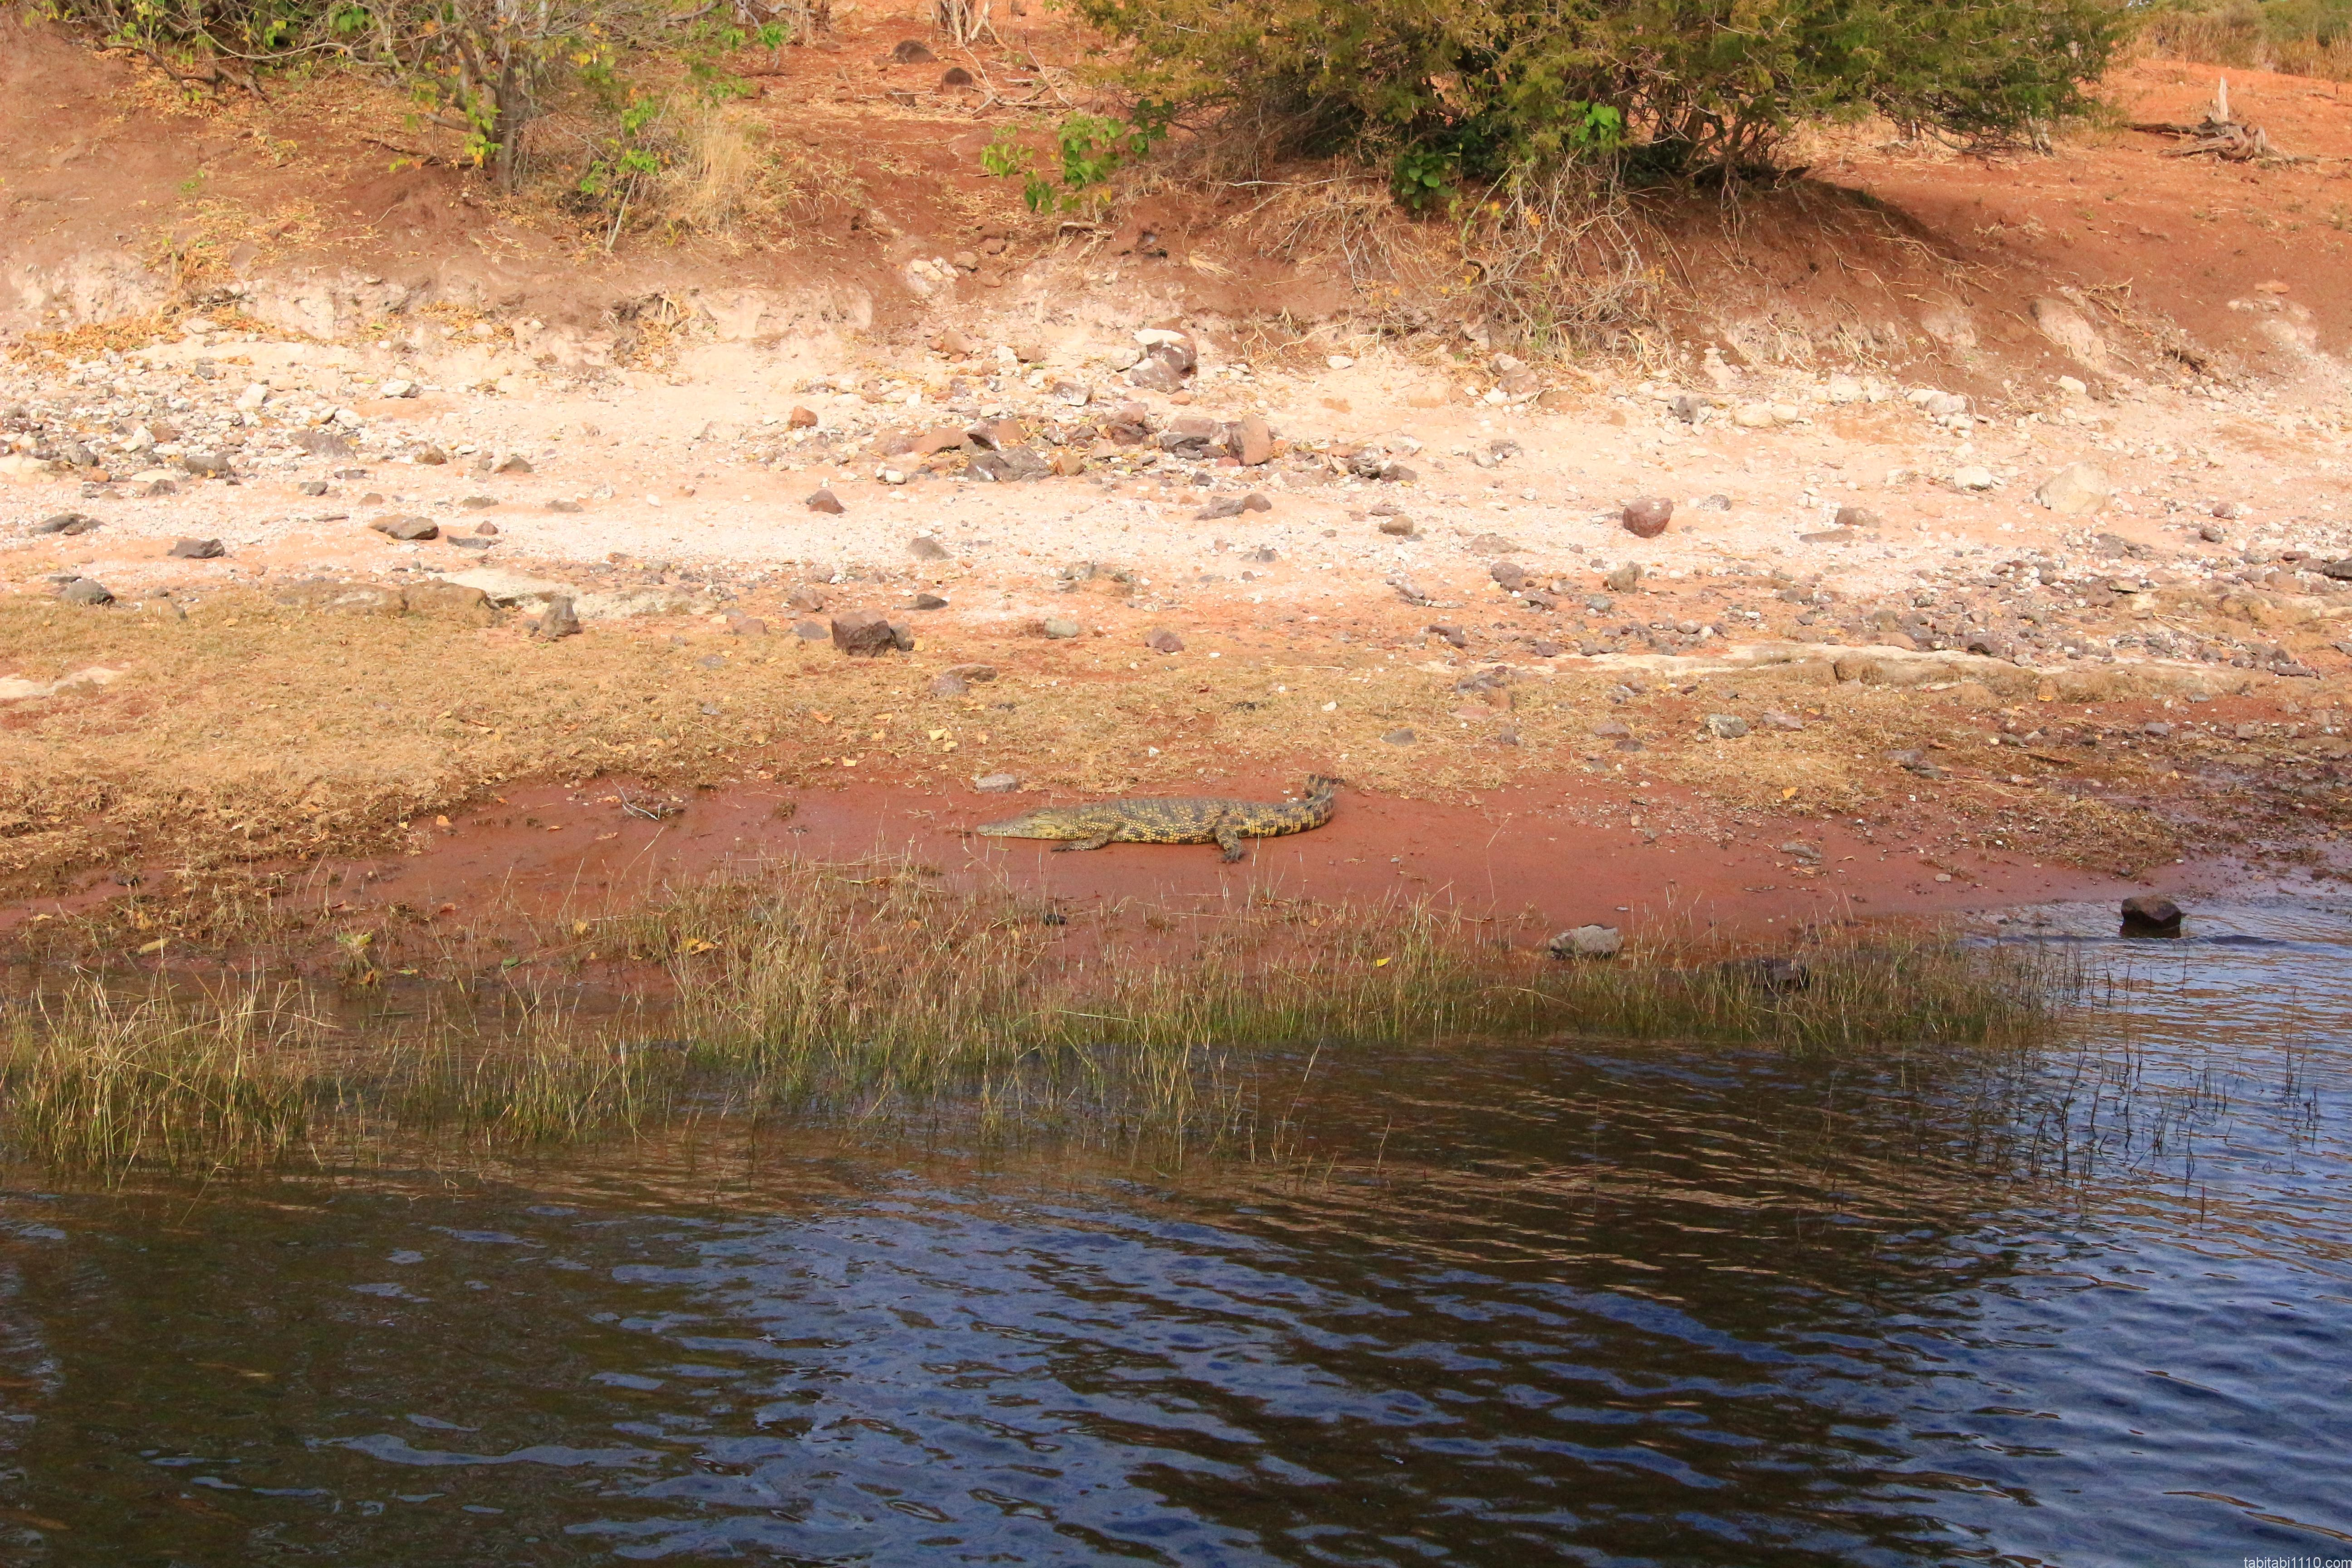 ボートサファリで見られた動物④クロコダイル